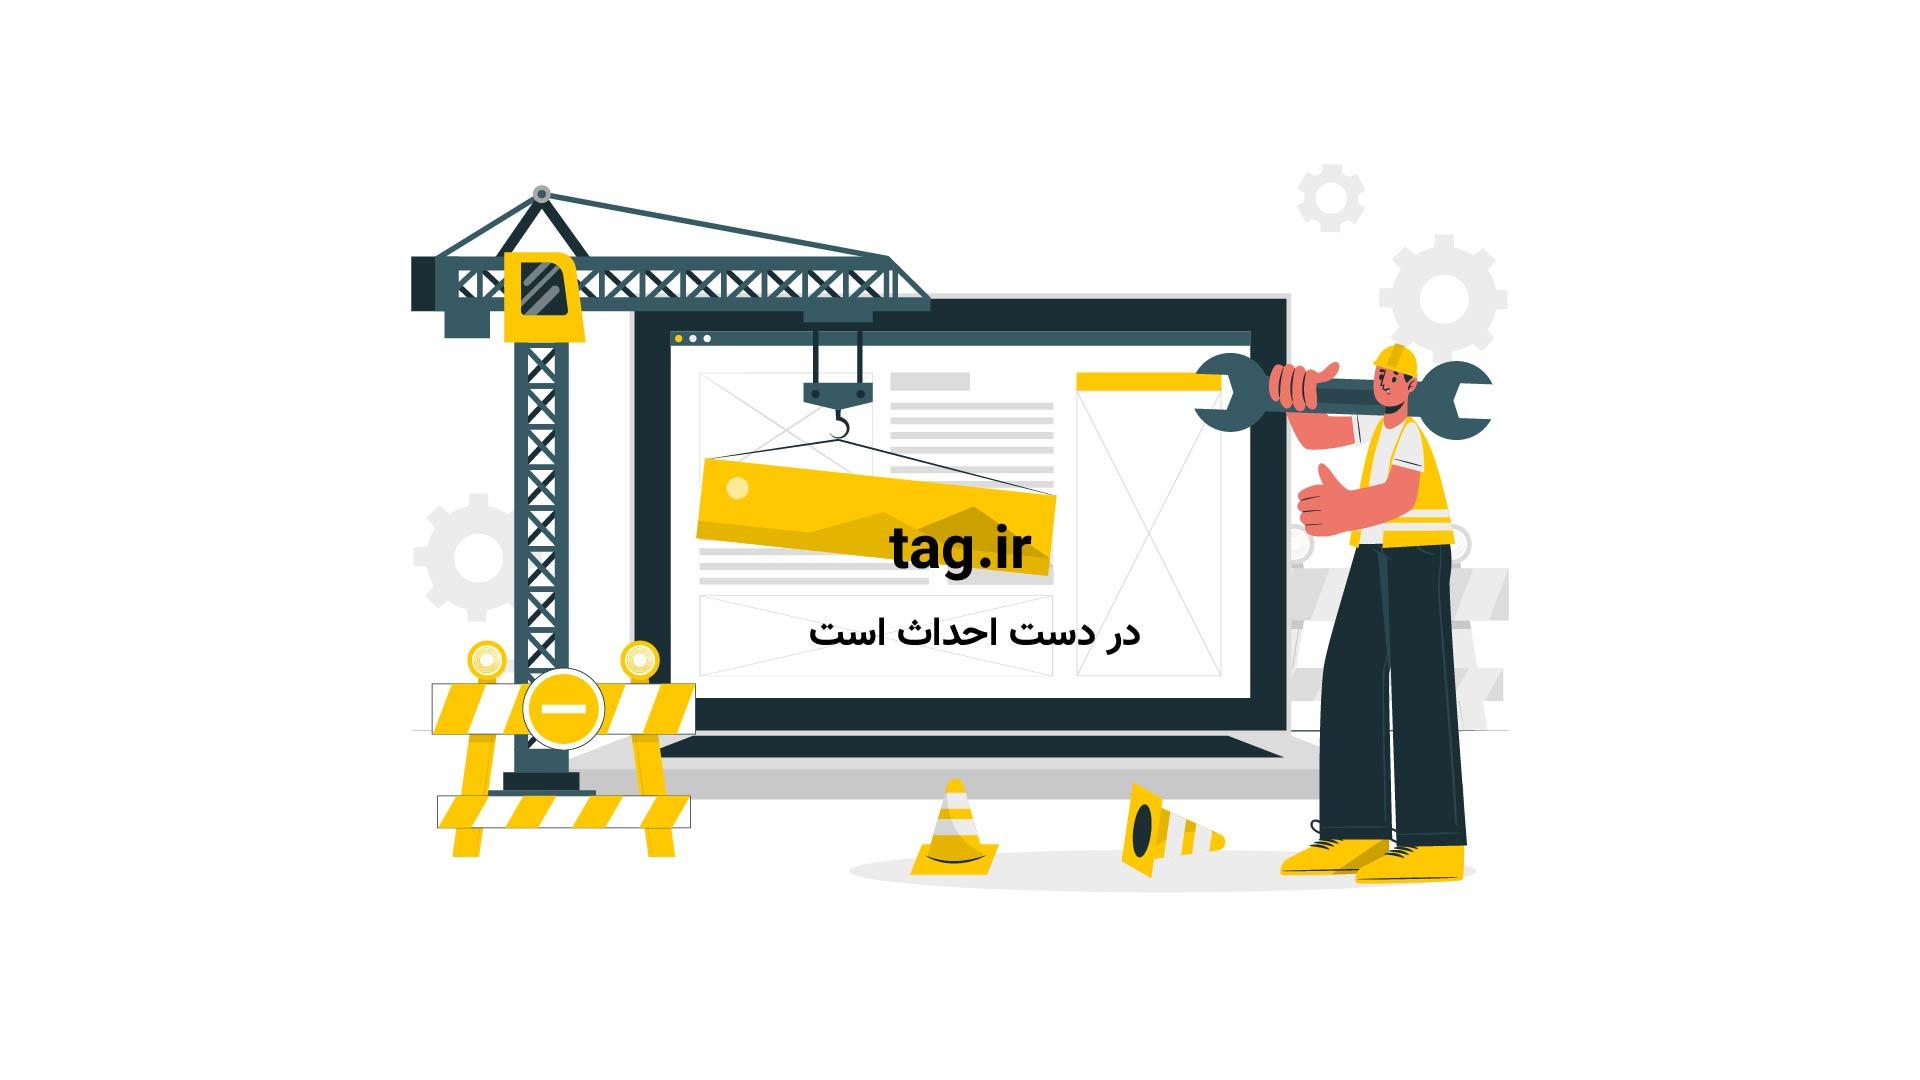 گفت و گوی شهاب حسینی و عادل فردوسی پور به بهانه شب یلدا بخش دوم | فیلم